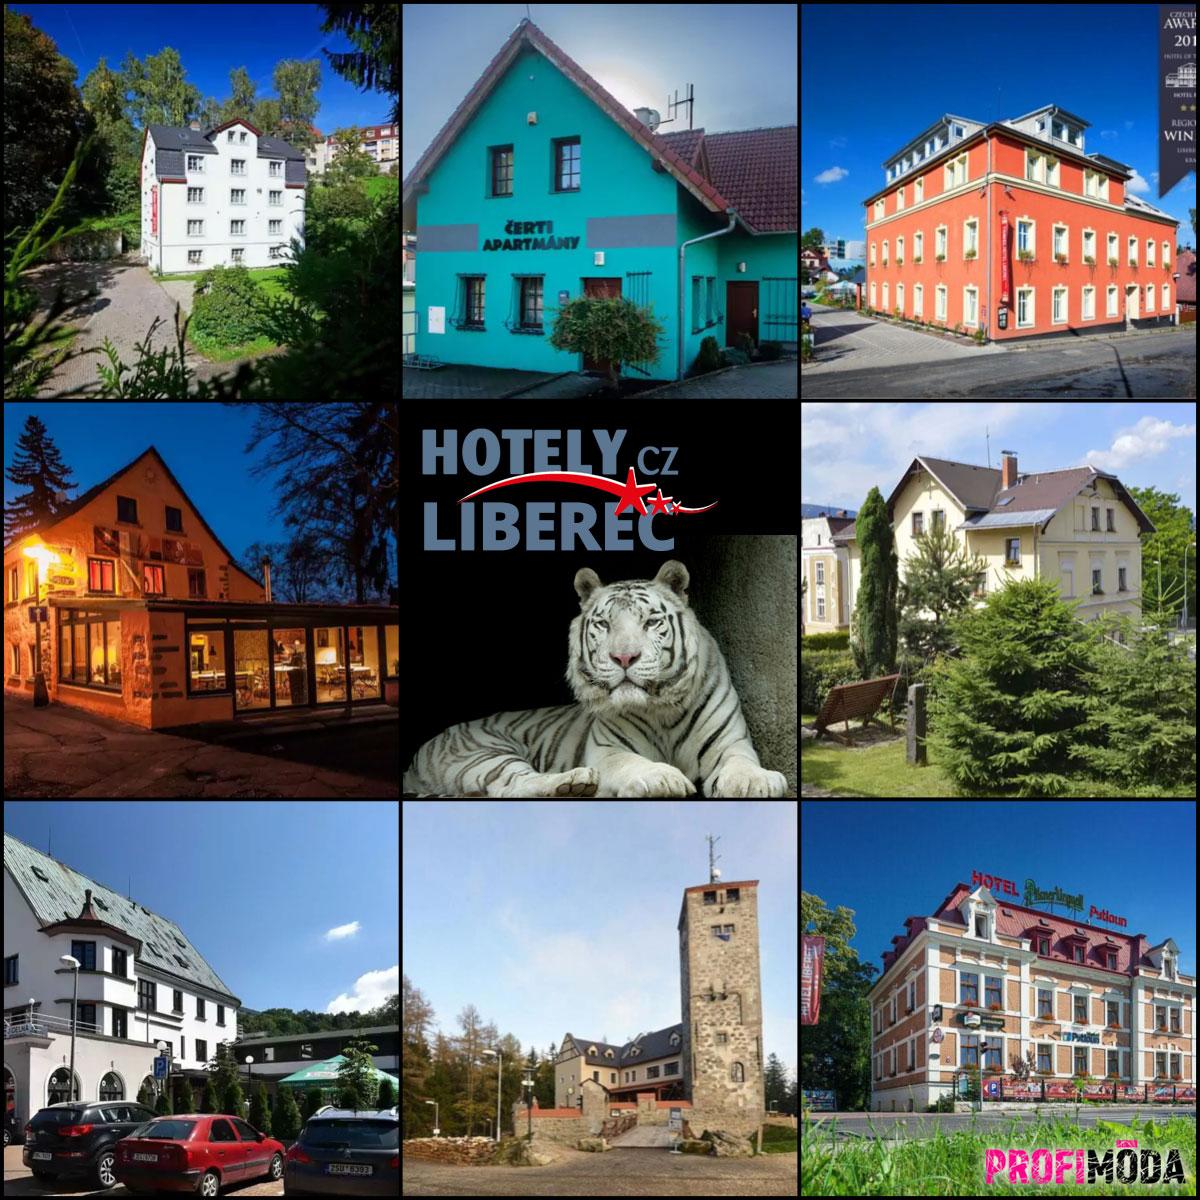 Ubytování v Liberci –to je možnost užít si krásný pobyt v severních Čechách.